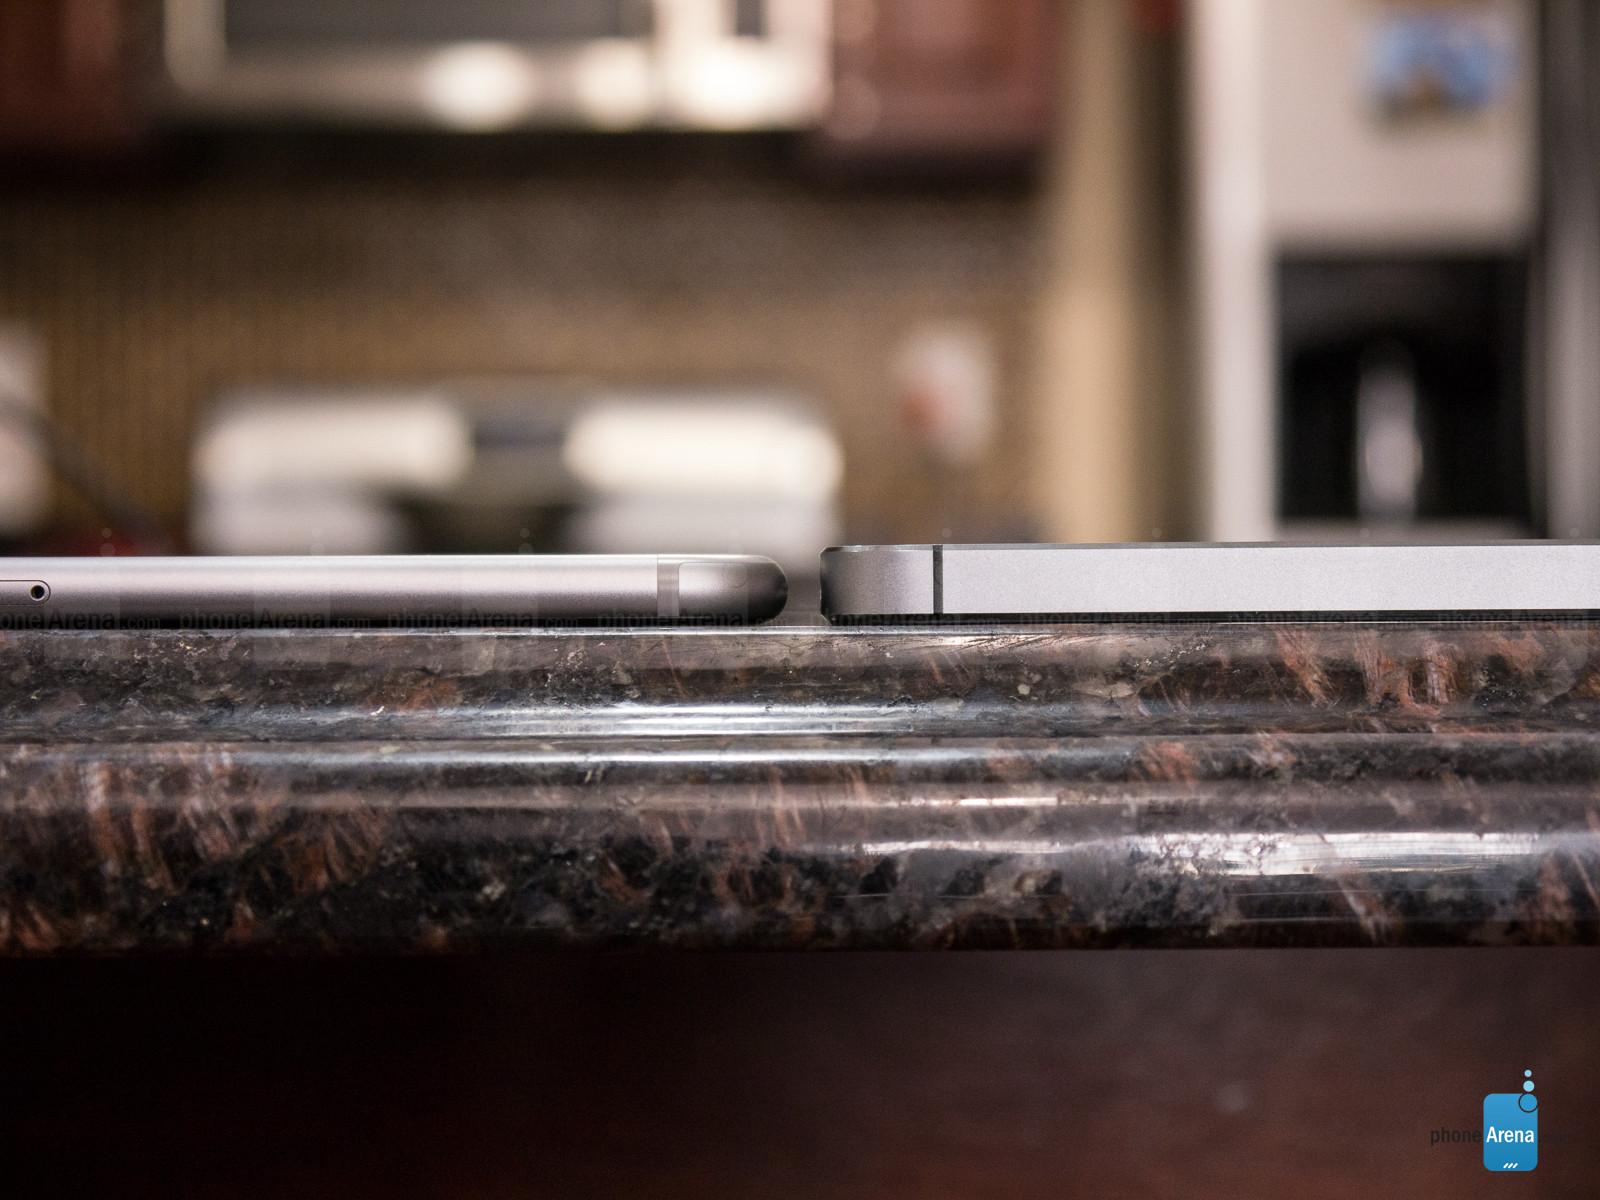 1420271290_iphone-6-iphone-6-plus-vs-iphone-5s-7.jpg